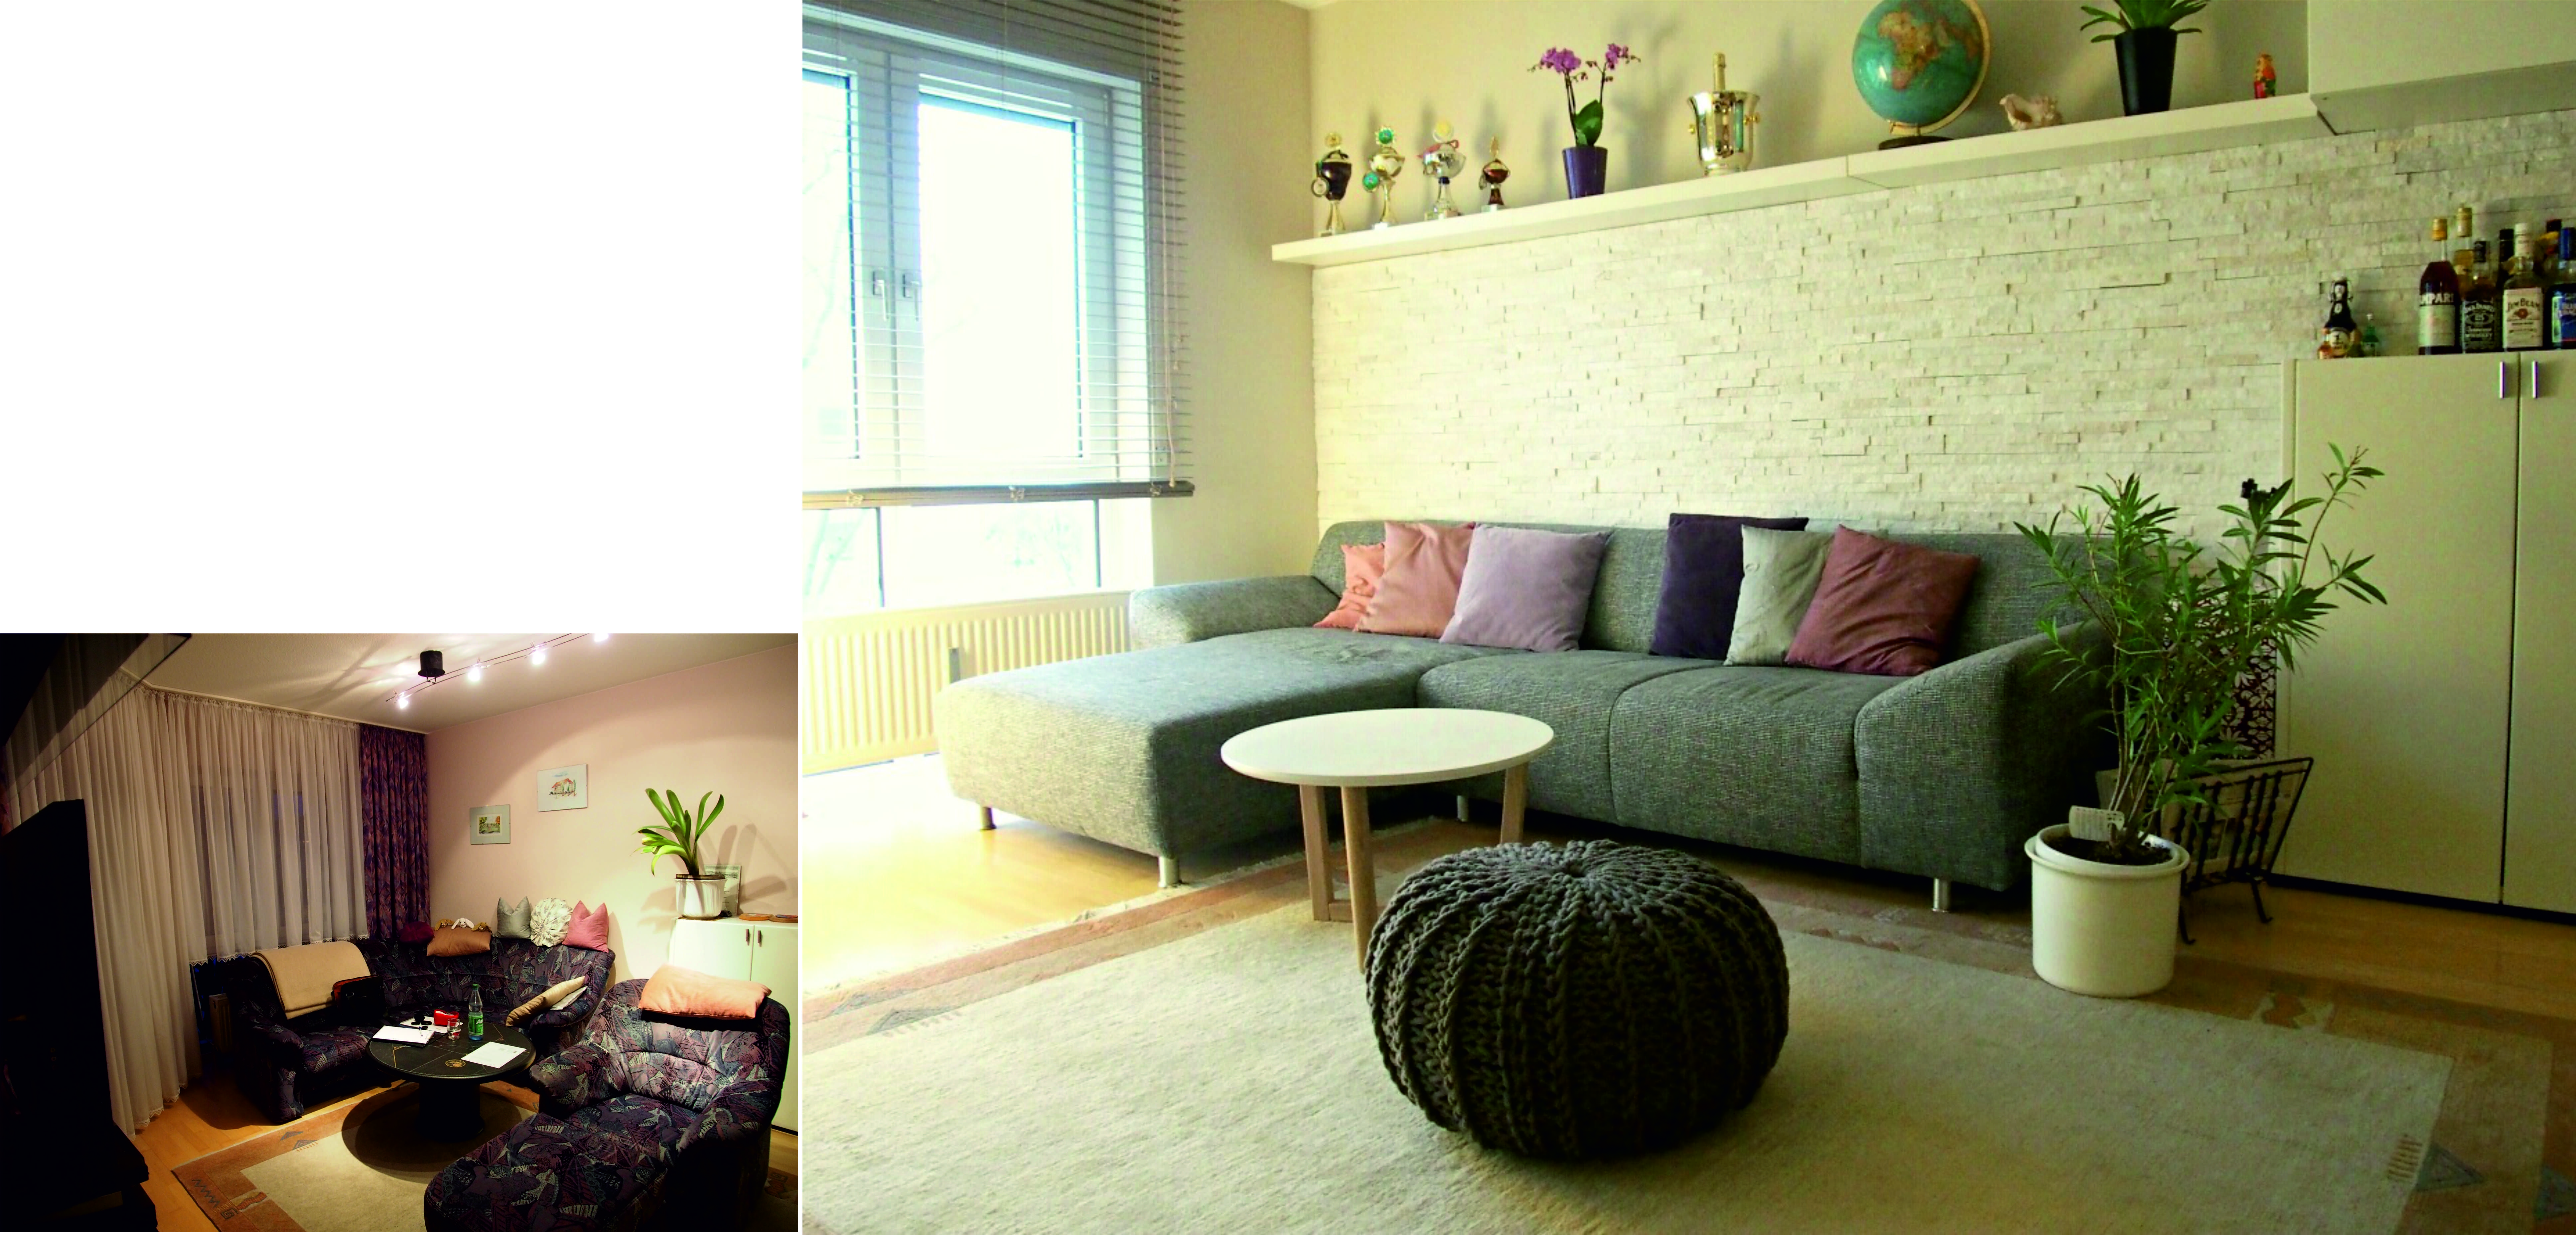 kleines wohnzimmer einrichten vorher nachher Living room